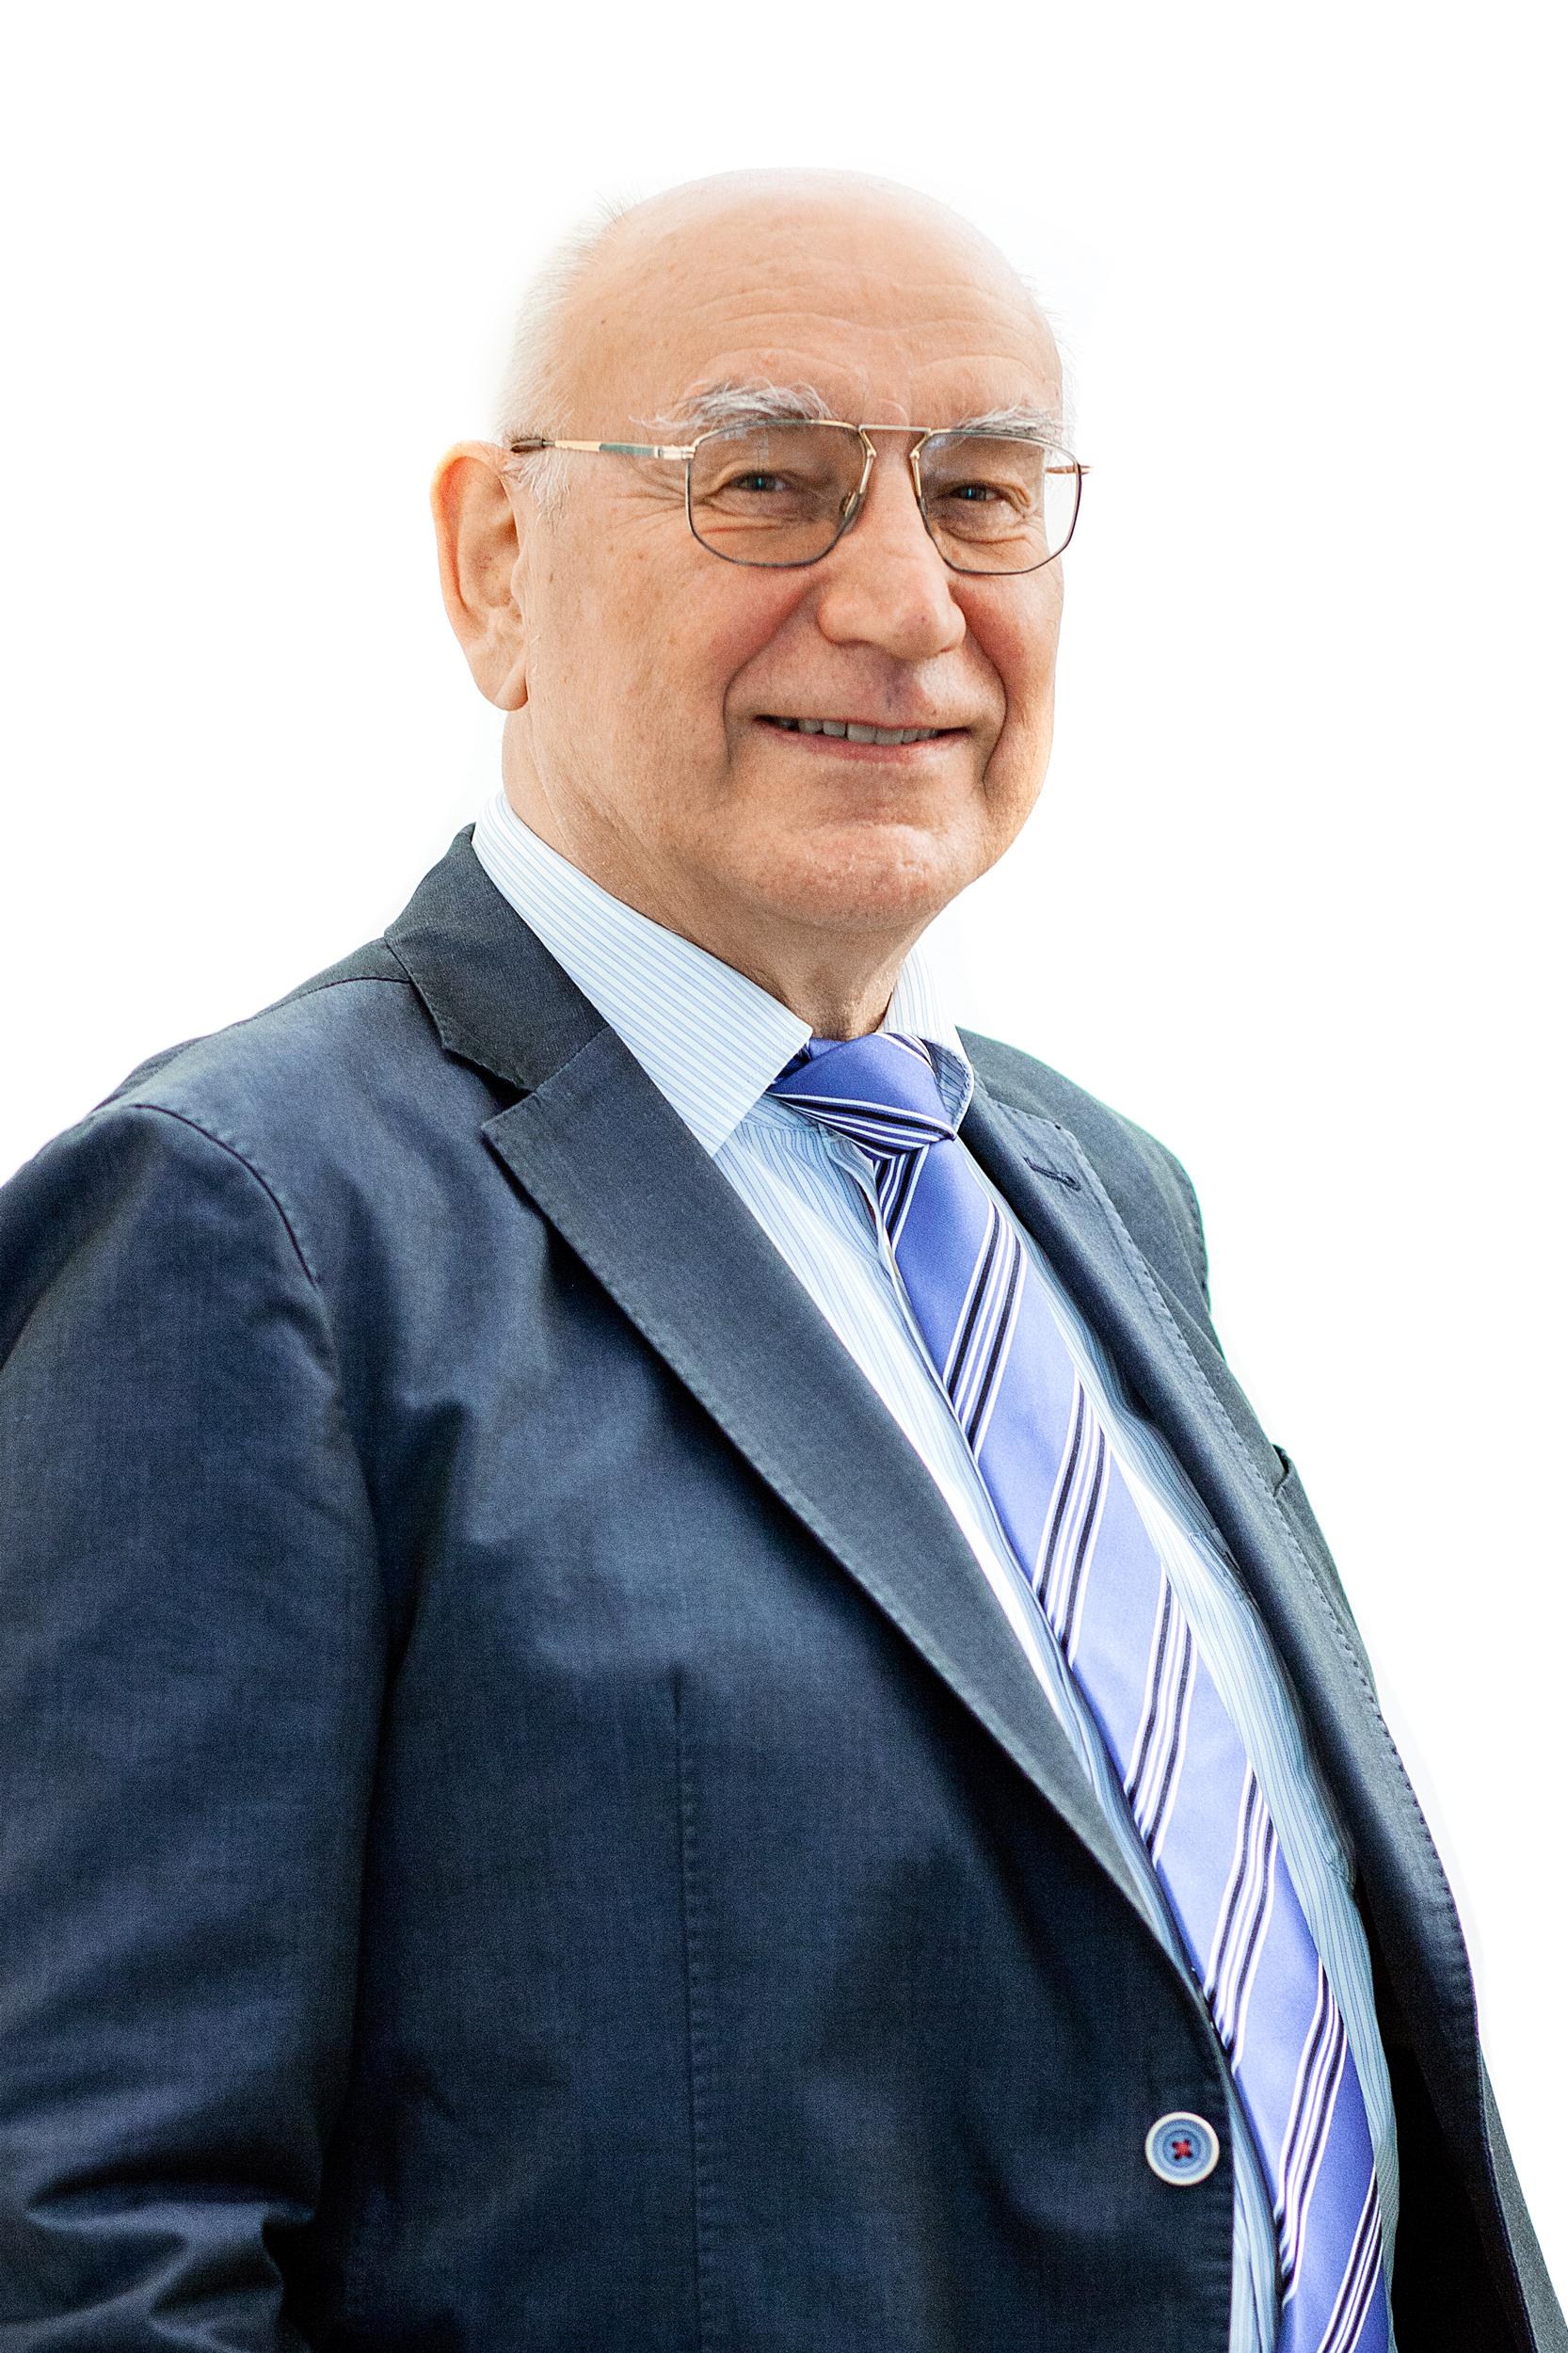 Franz Josef Neidlinger